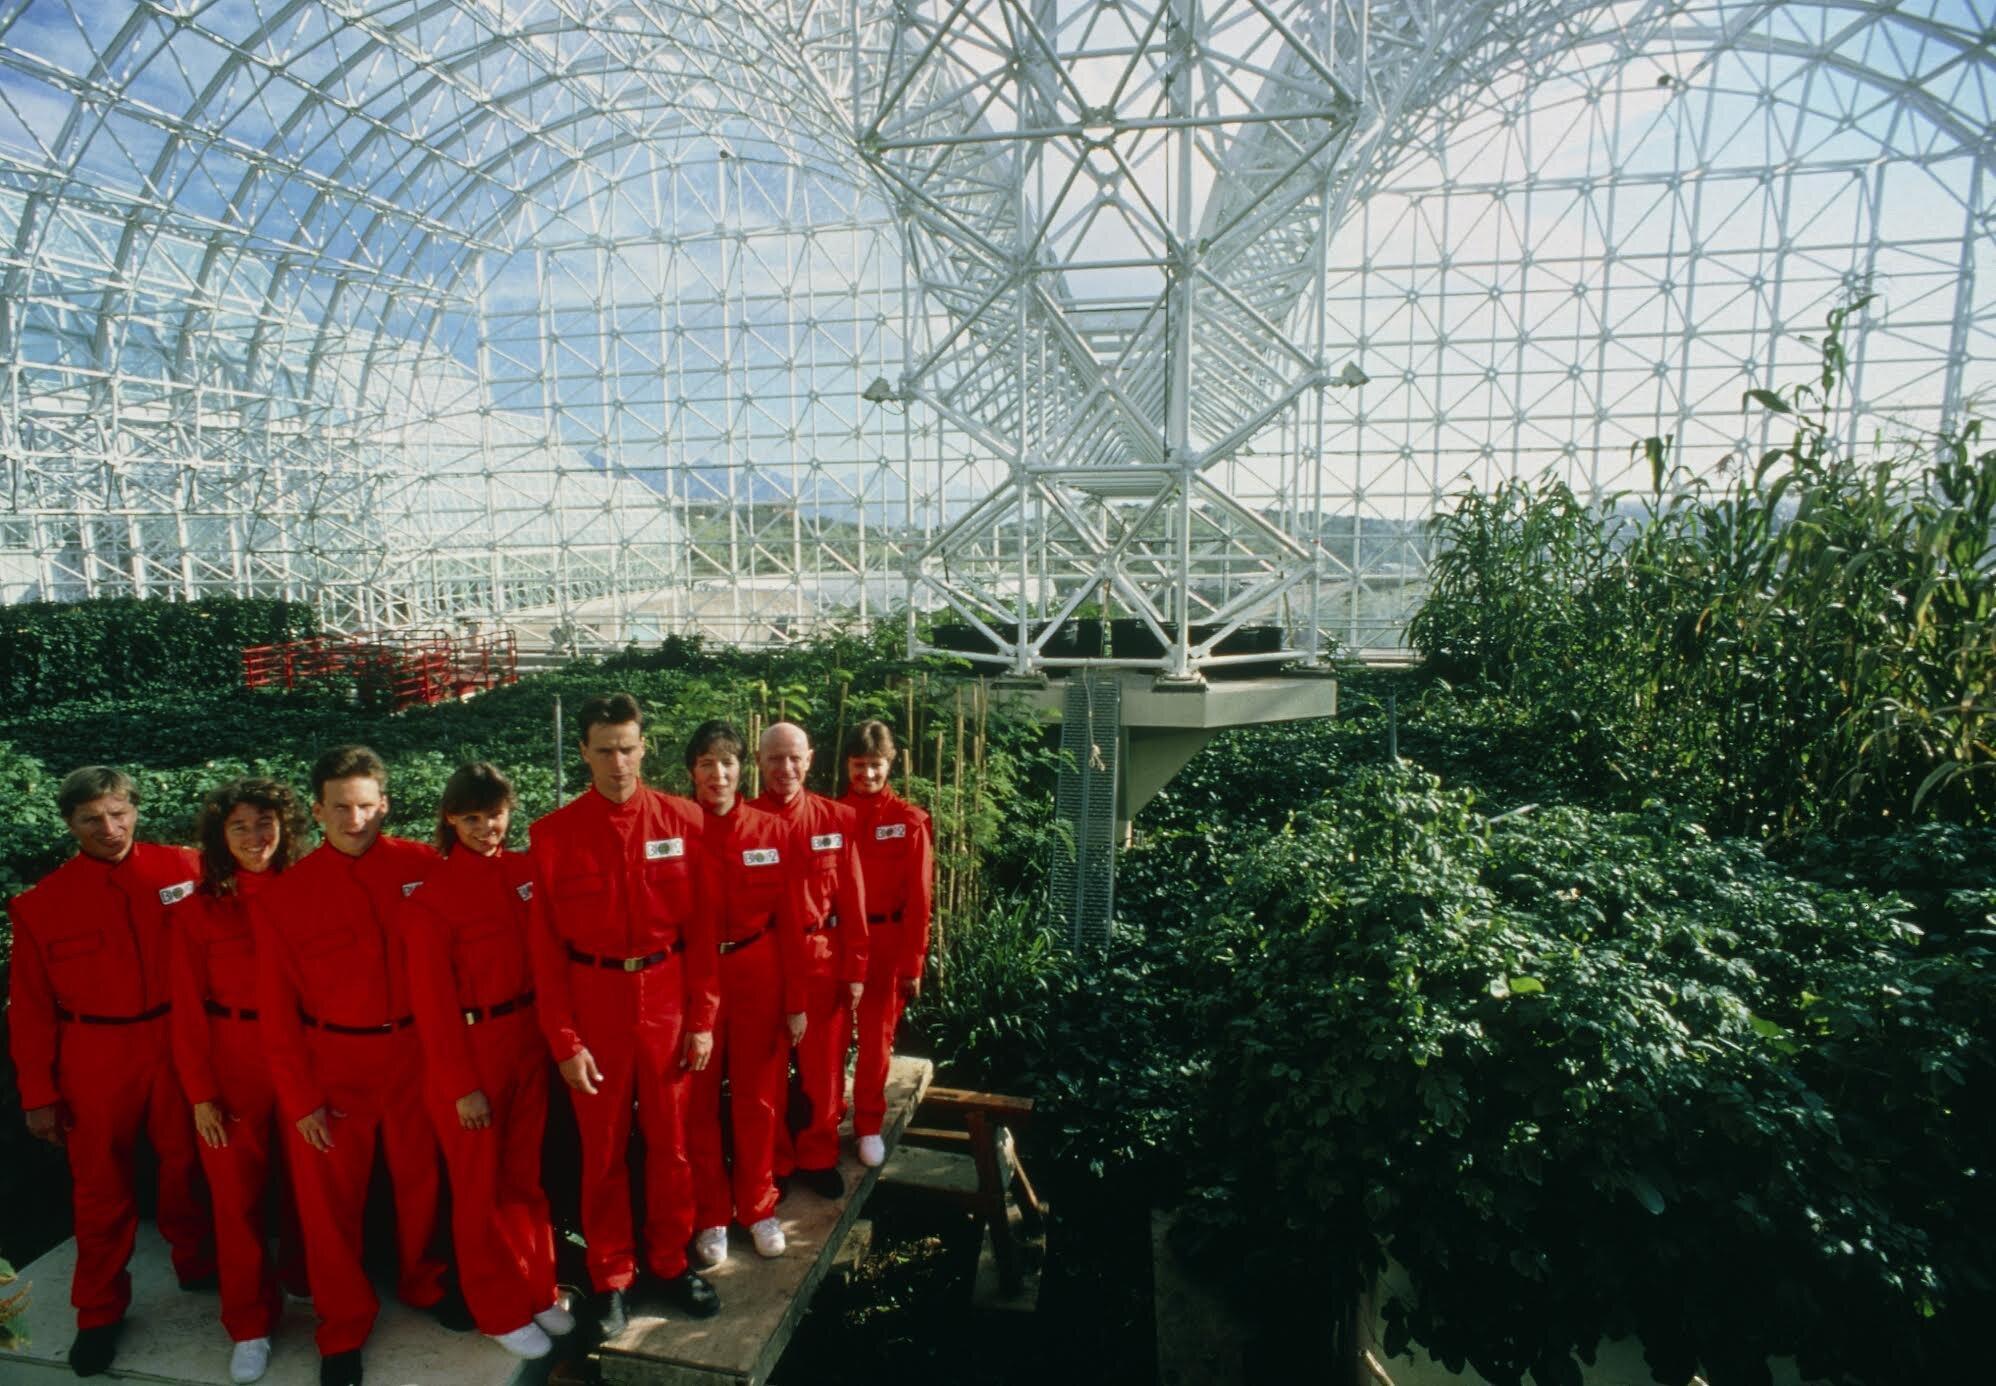 8 biospherians in the Biosphere 2